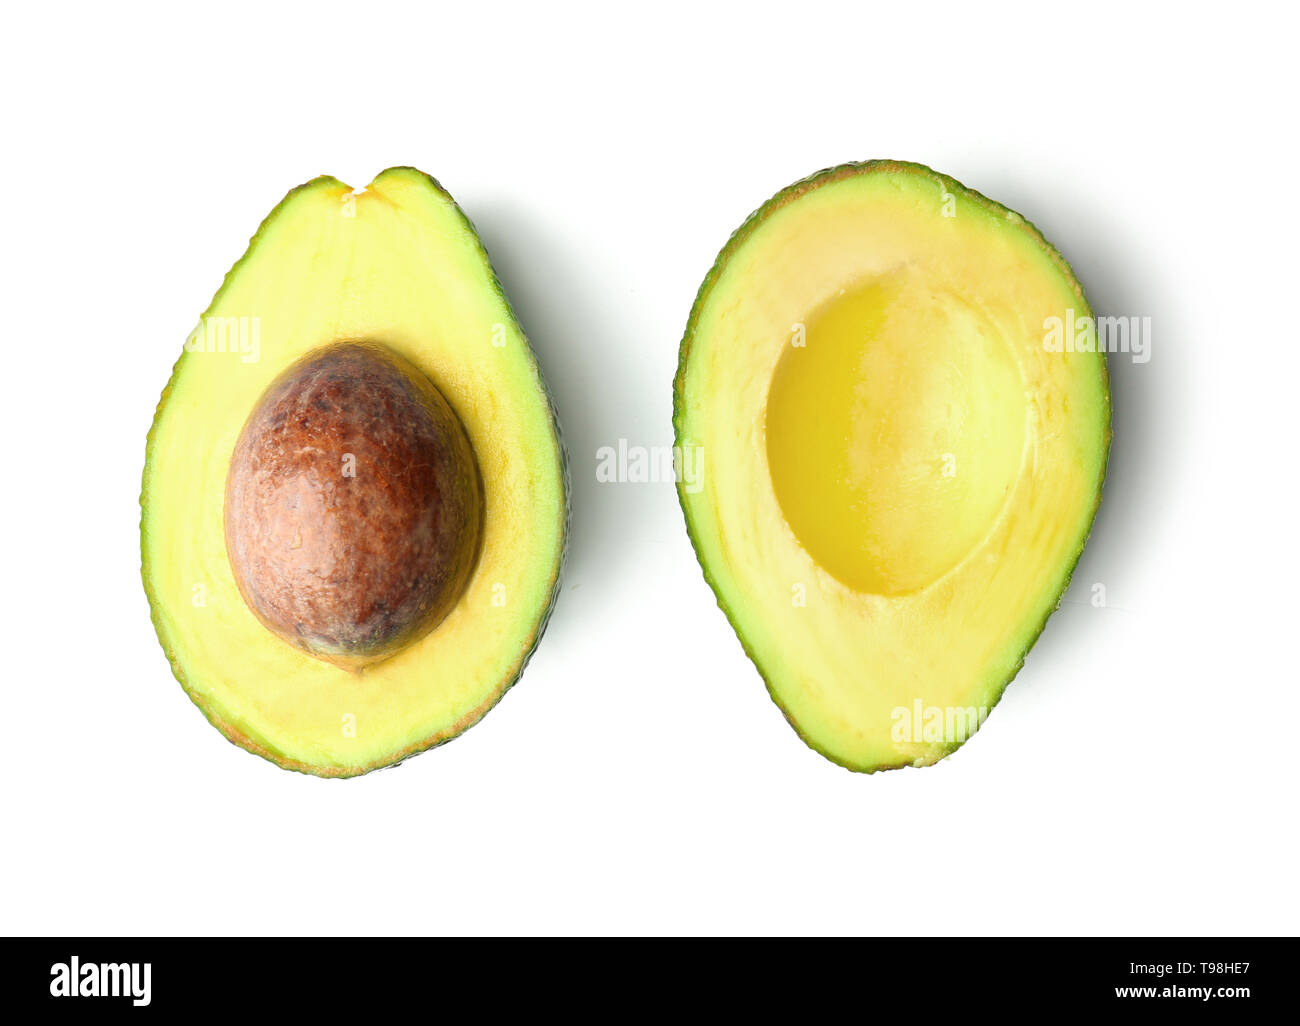 Halves of ripe fresh avocado on white background - Stock Image